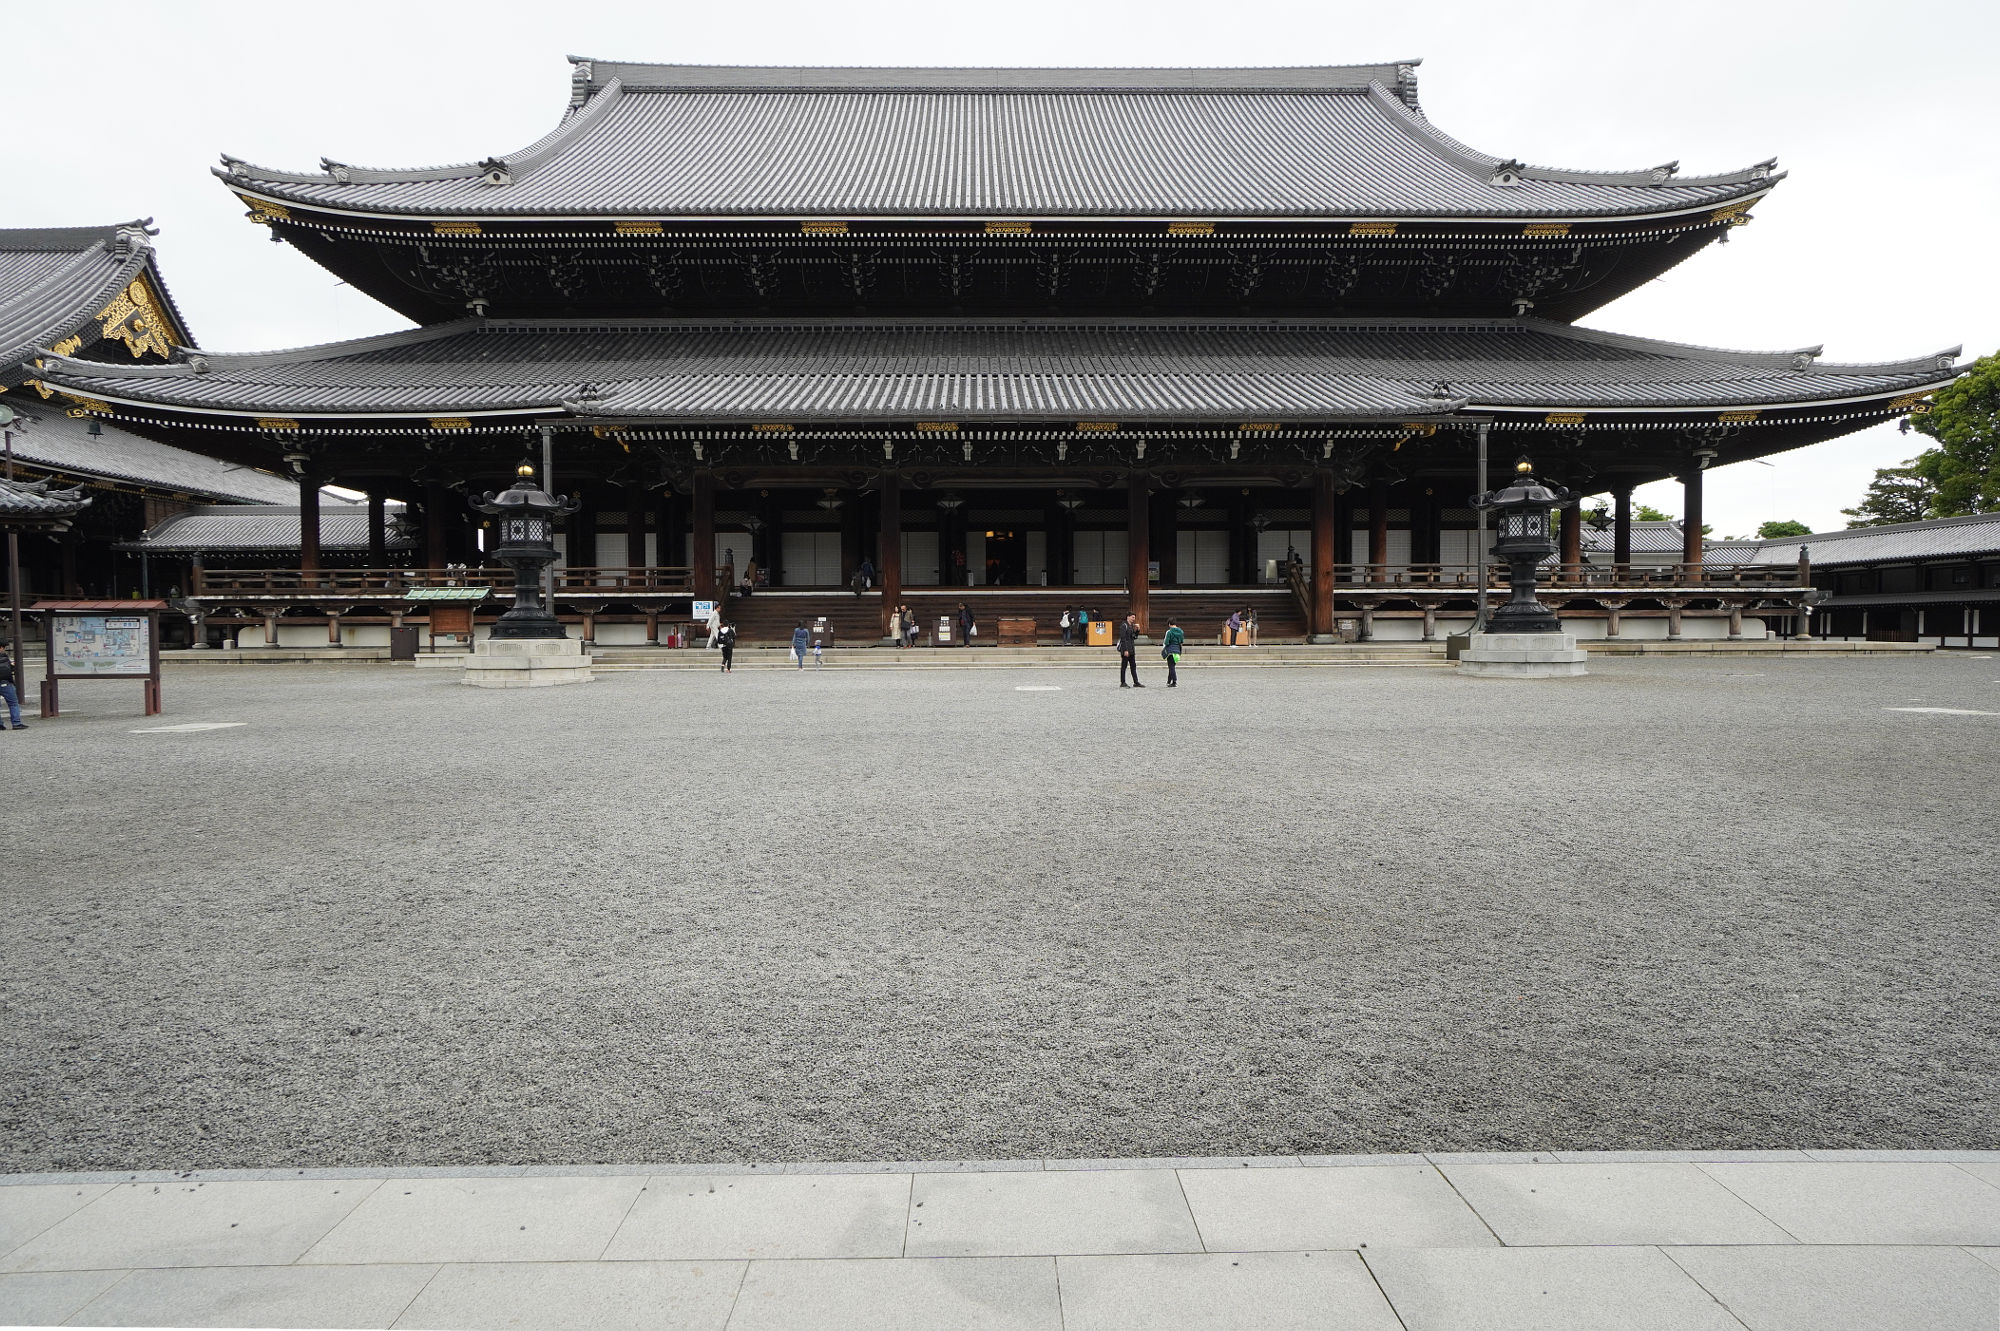 東本願寺 御影堂